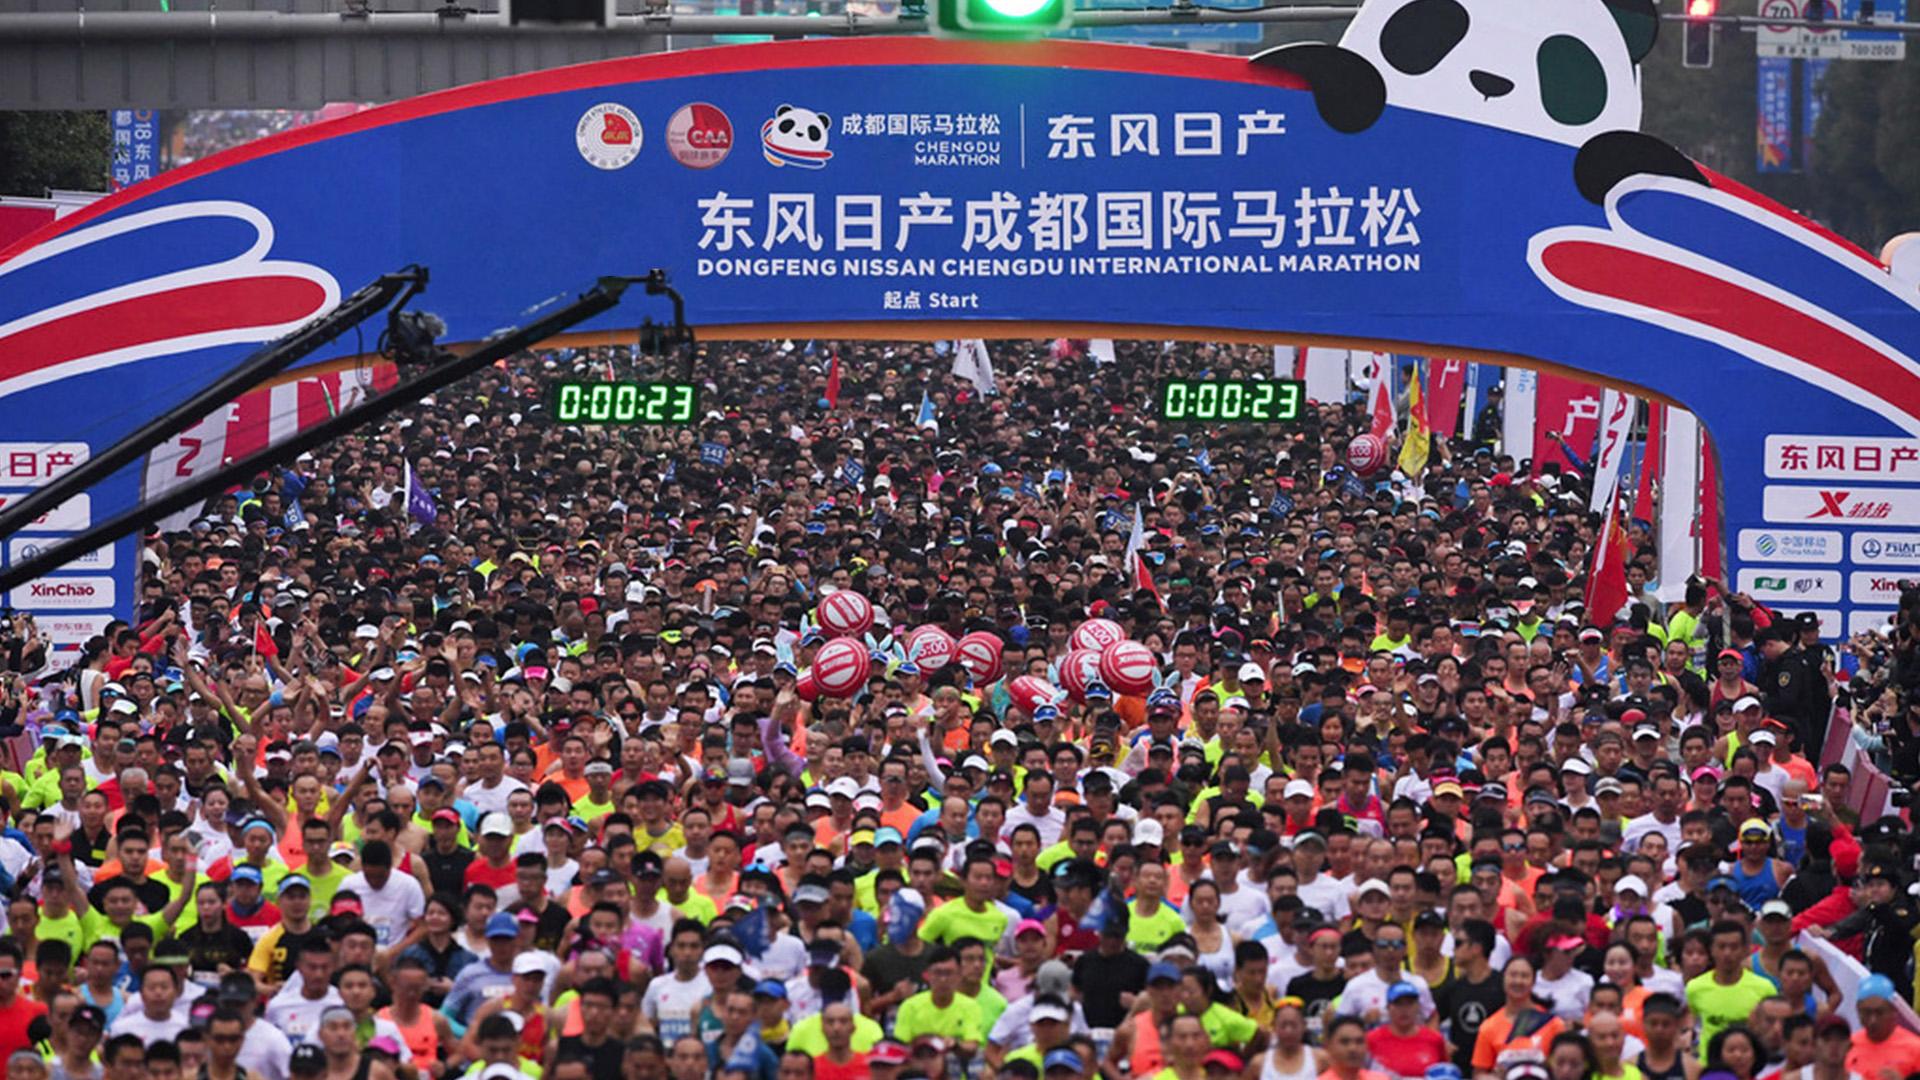 2019成都马拉松正式启动报名